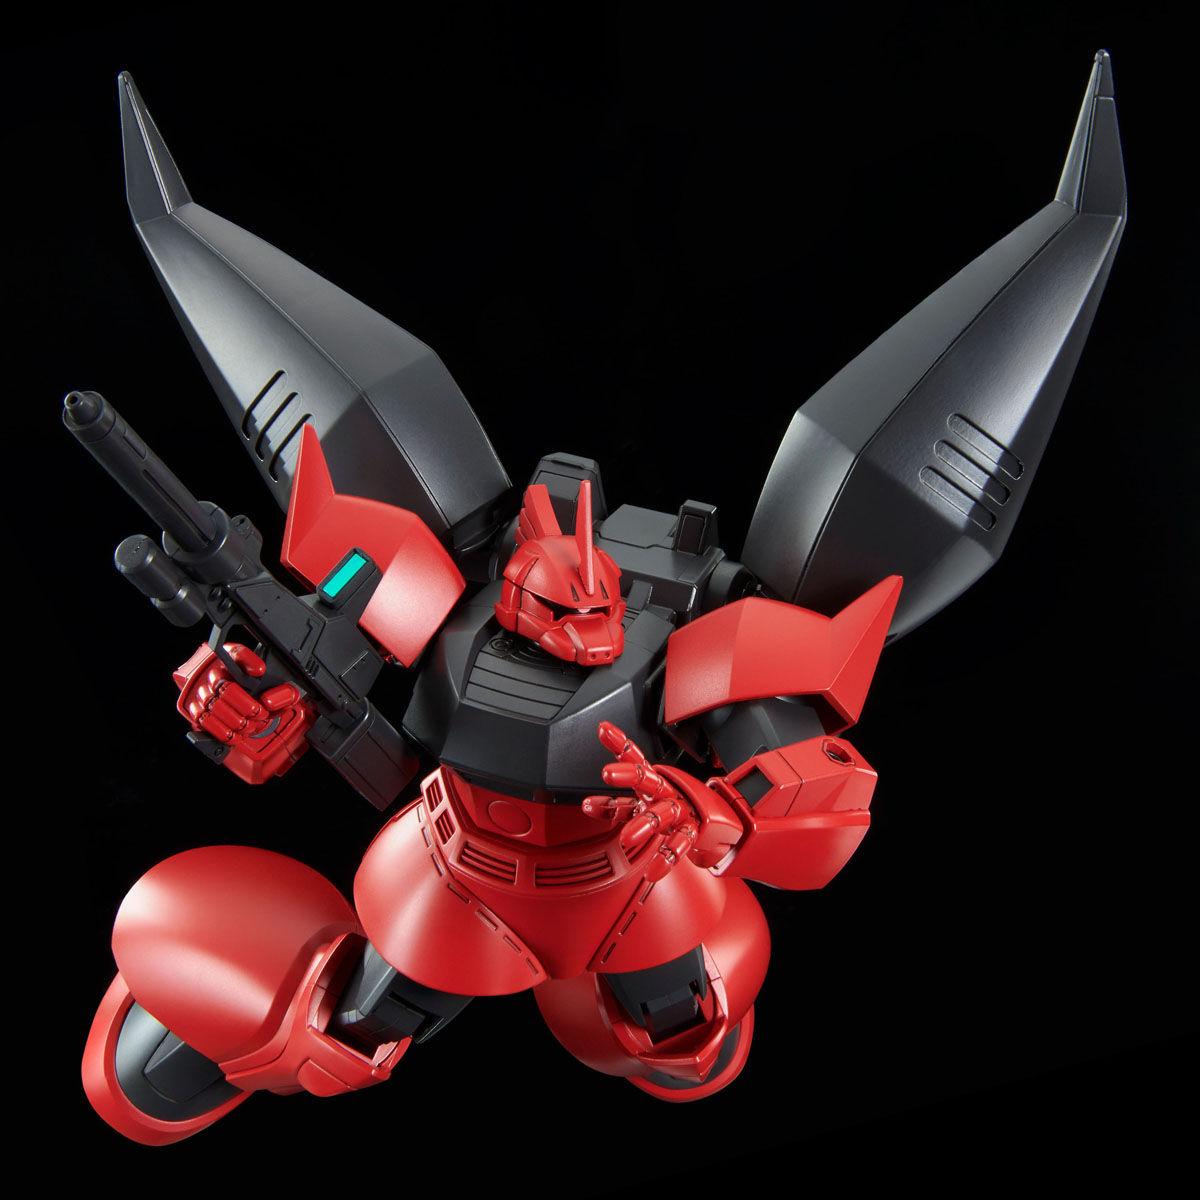 【限定販売】HG 1/144『ゲルググ ウェルテクス』ガンダム MSV-R プラモデル-006